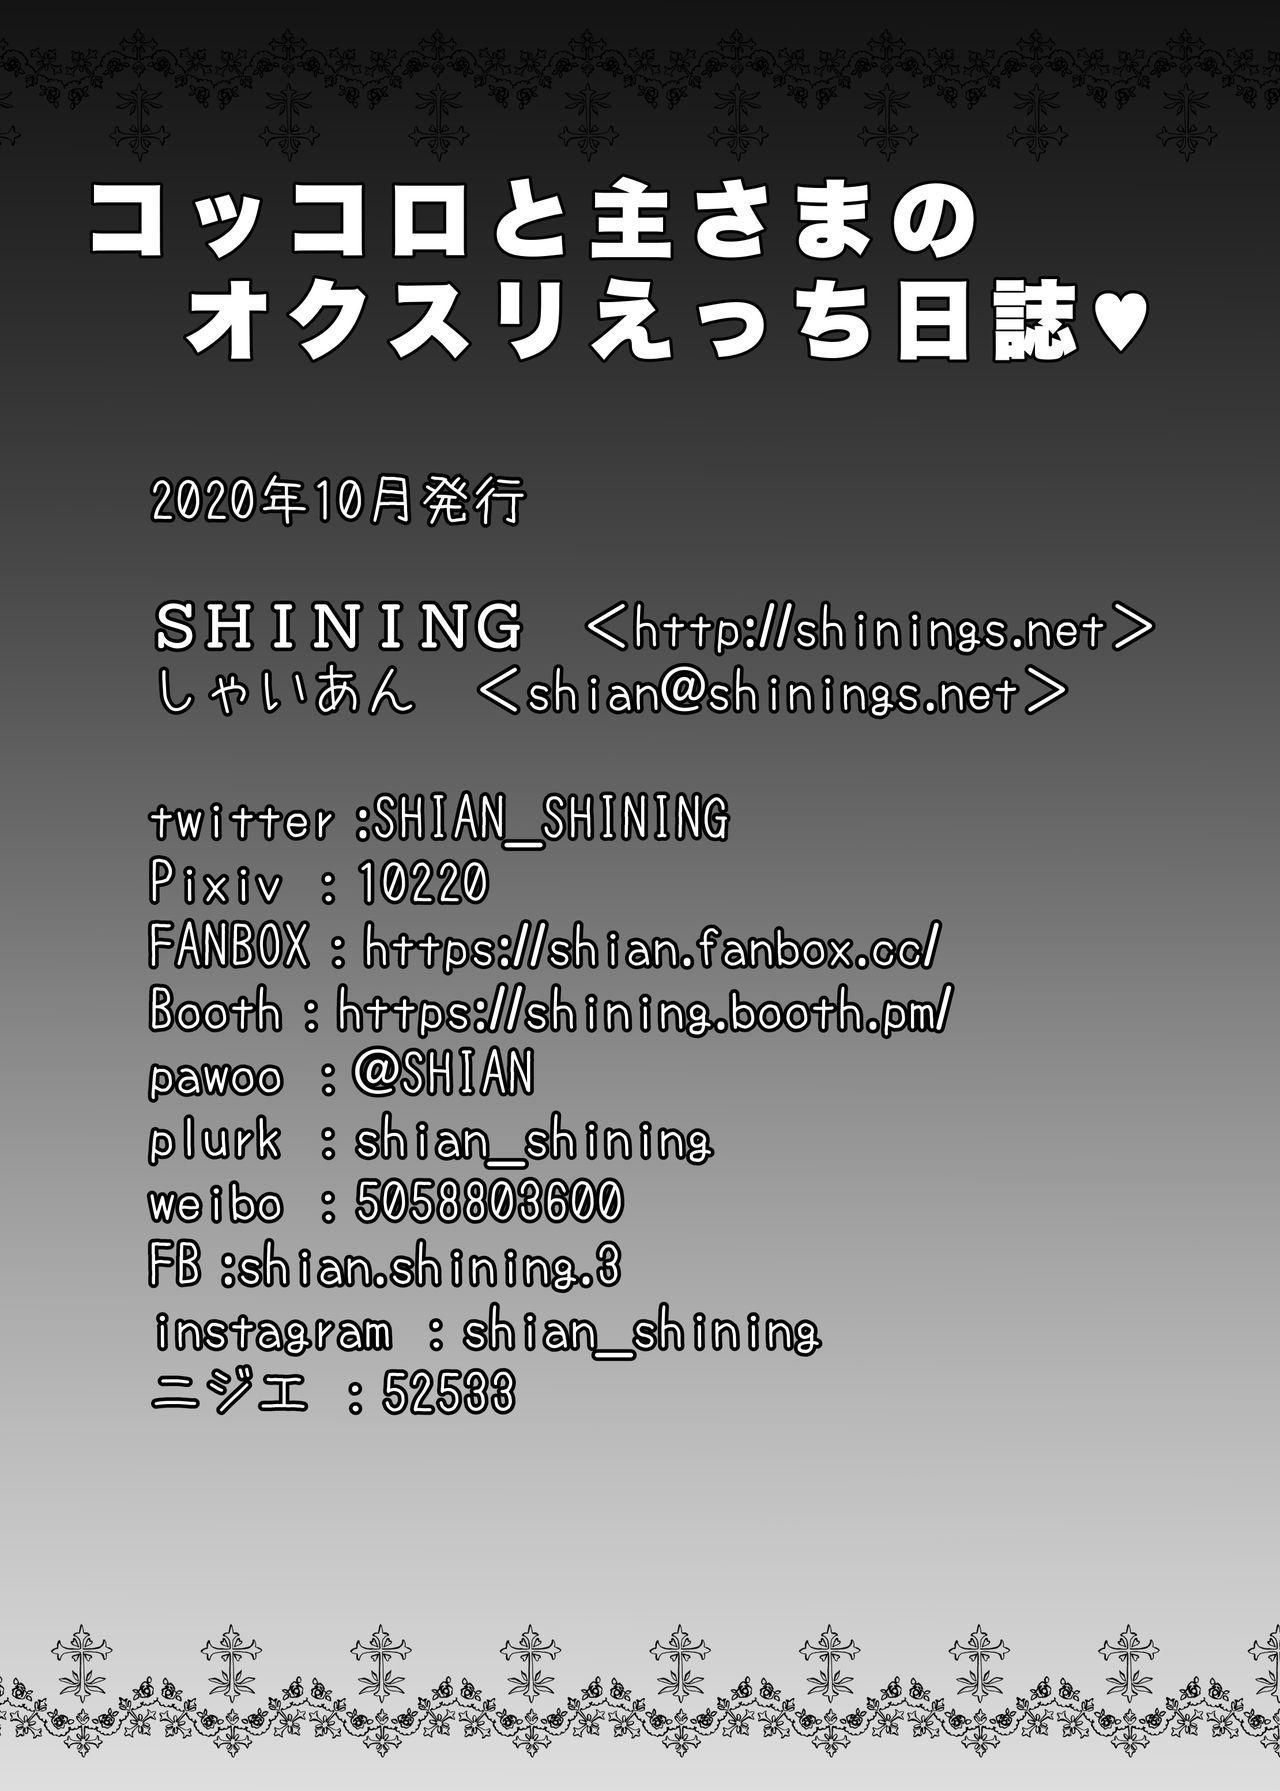 Kokkoro to Aruji-sama no Okusuri Ecchi Nisshi 22